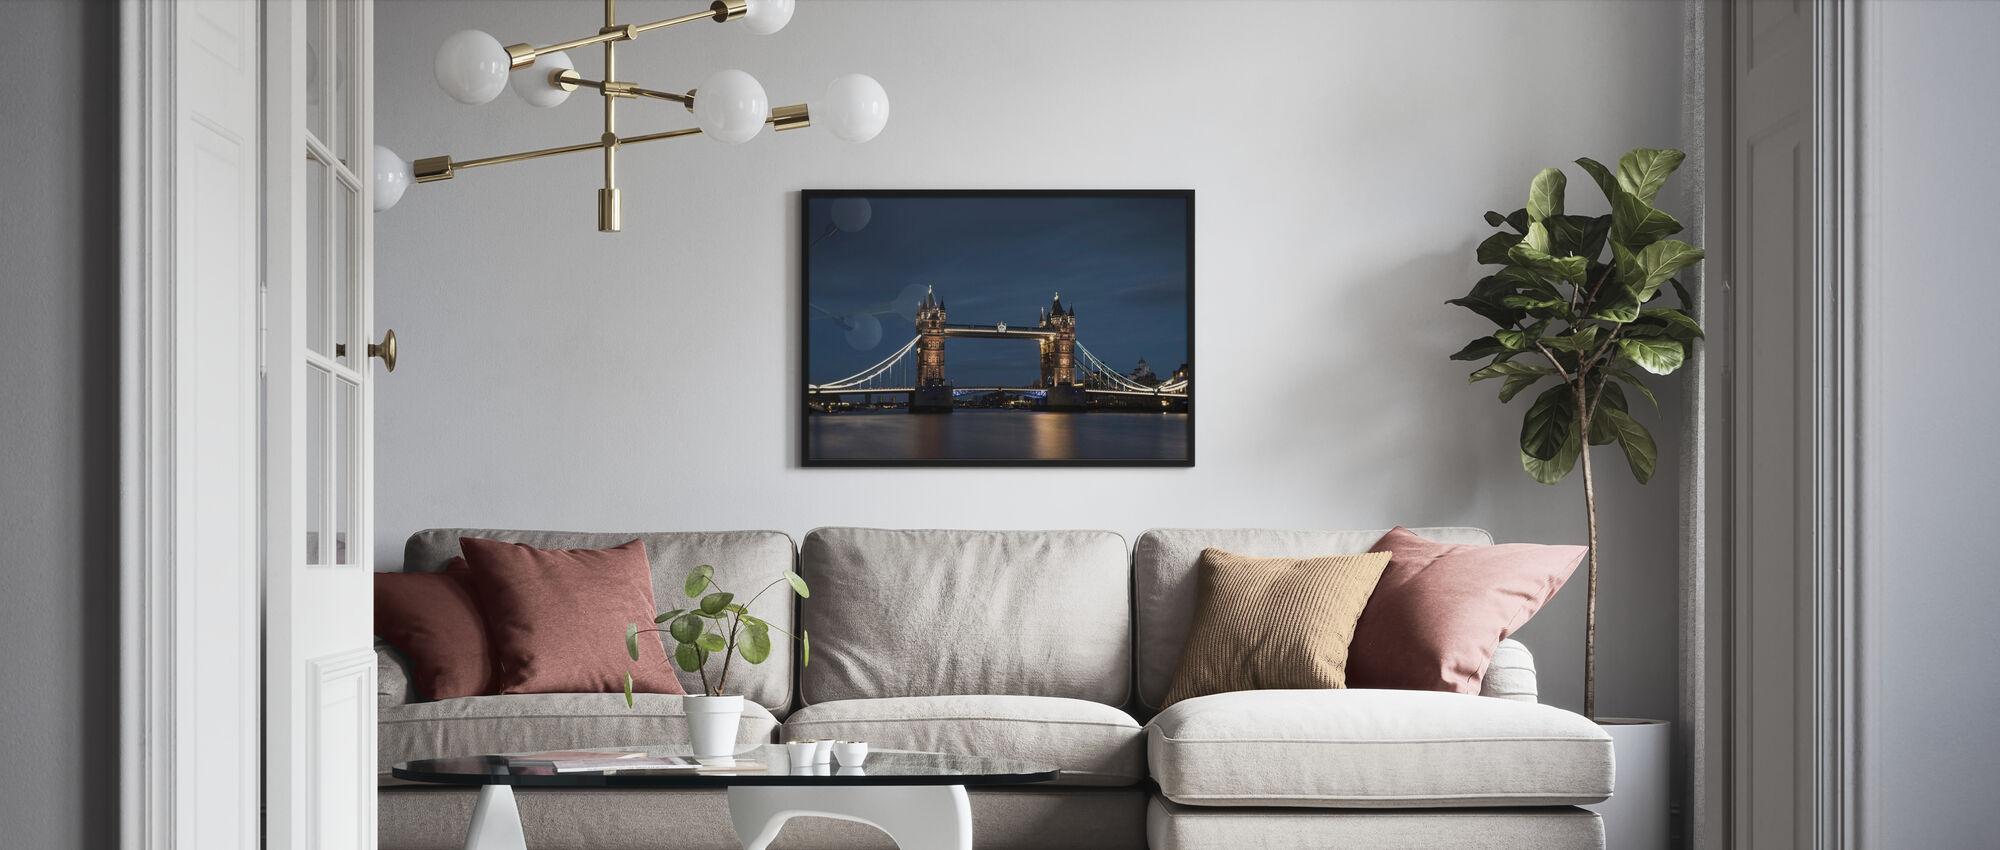 Hochhäuser und blauer Himmel in London - Poster - Wohnzimmer